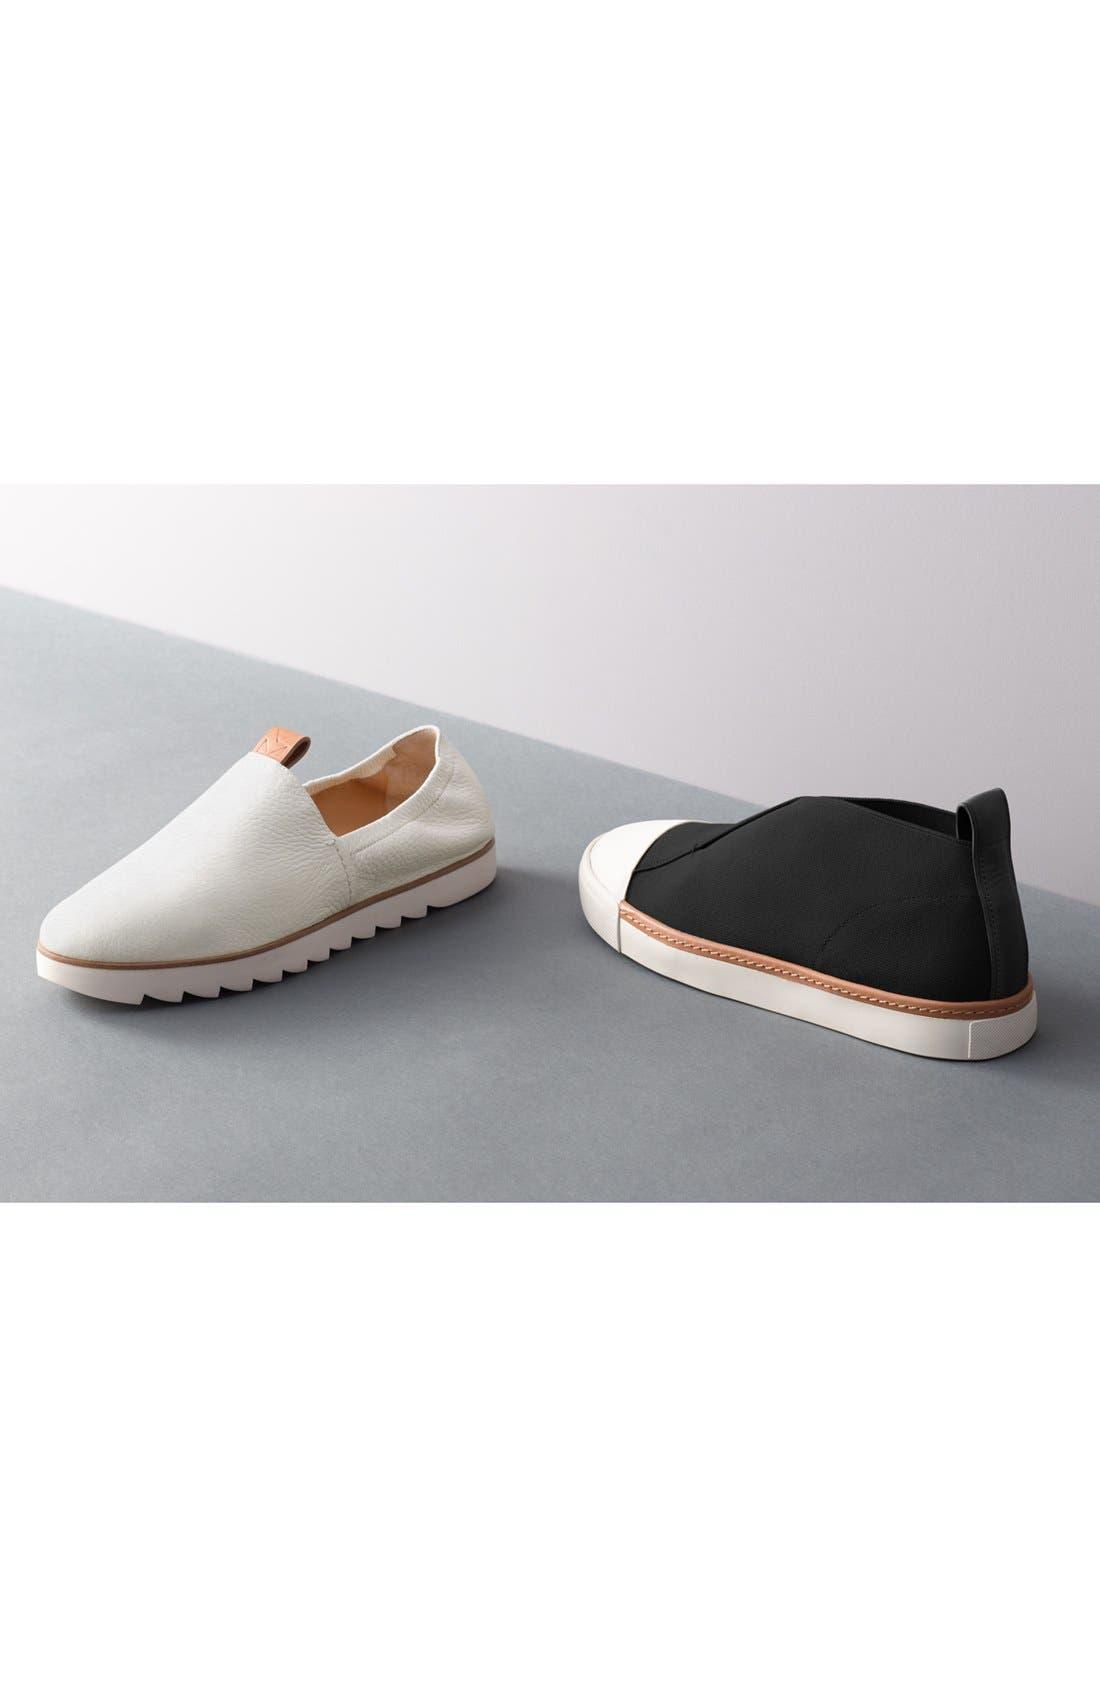 Thana Slip-On Sneaker,                             Alternate thumbnail 7, color,                             411